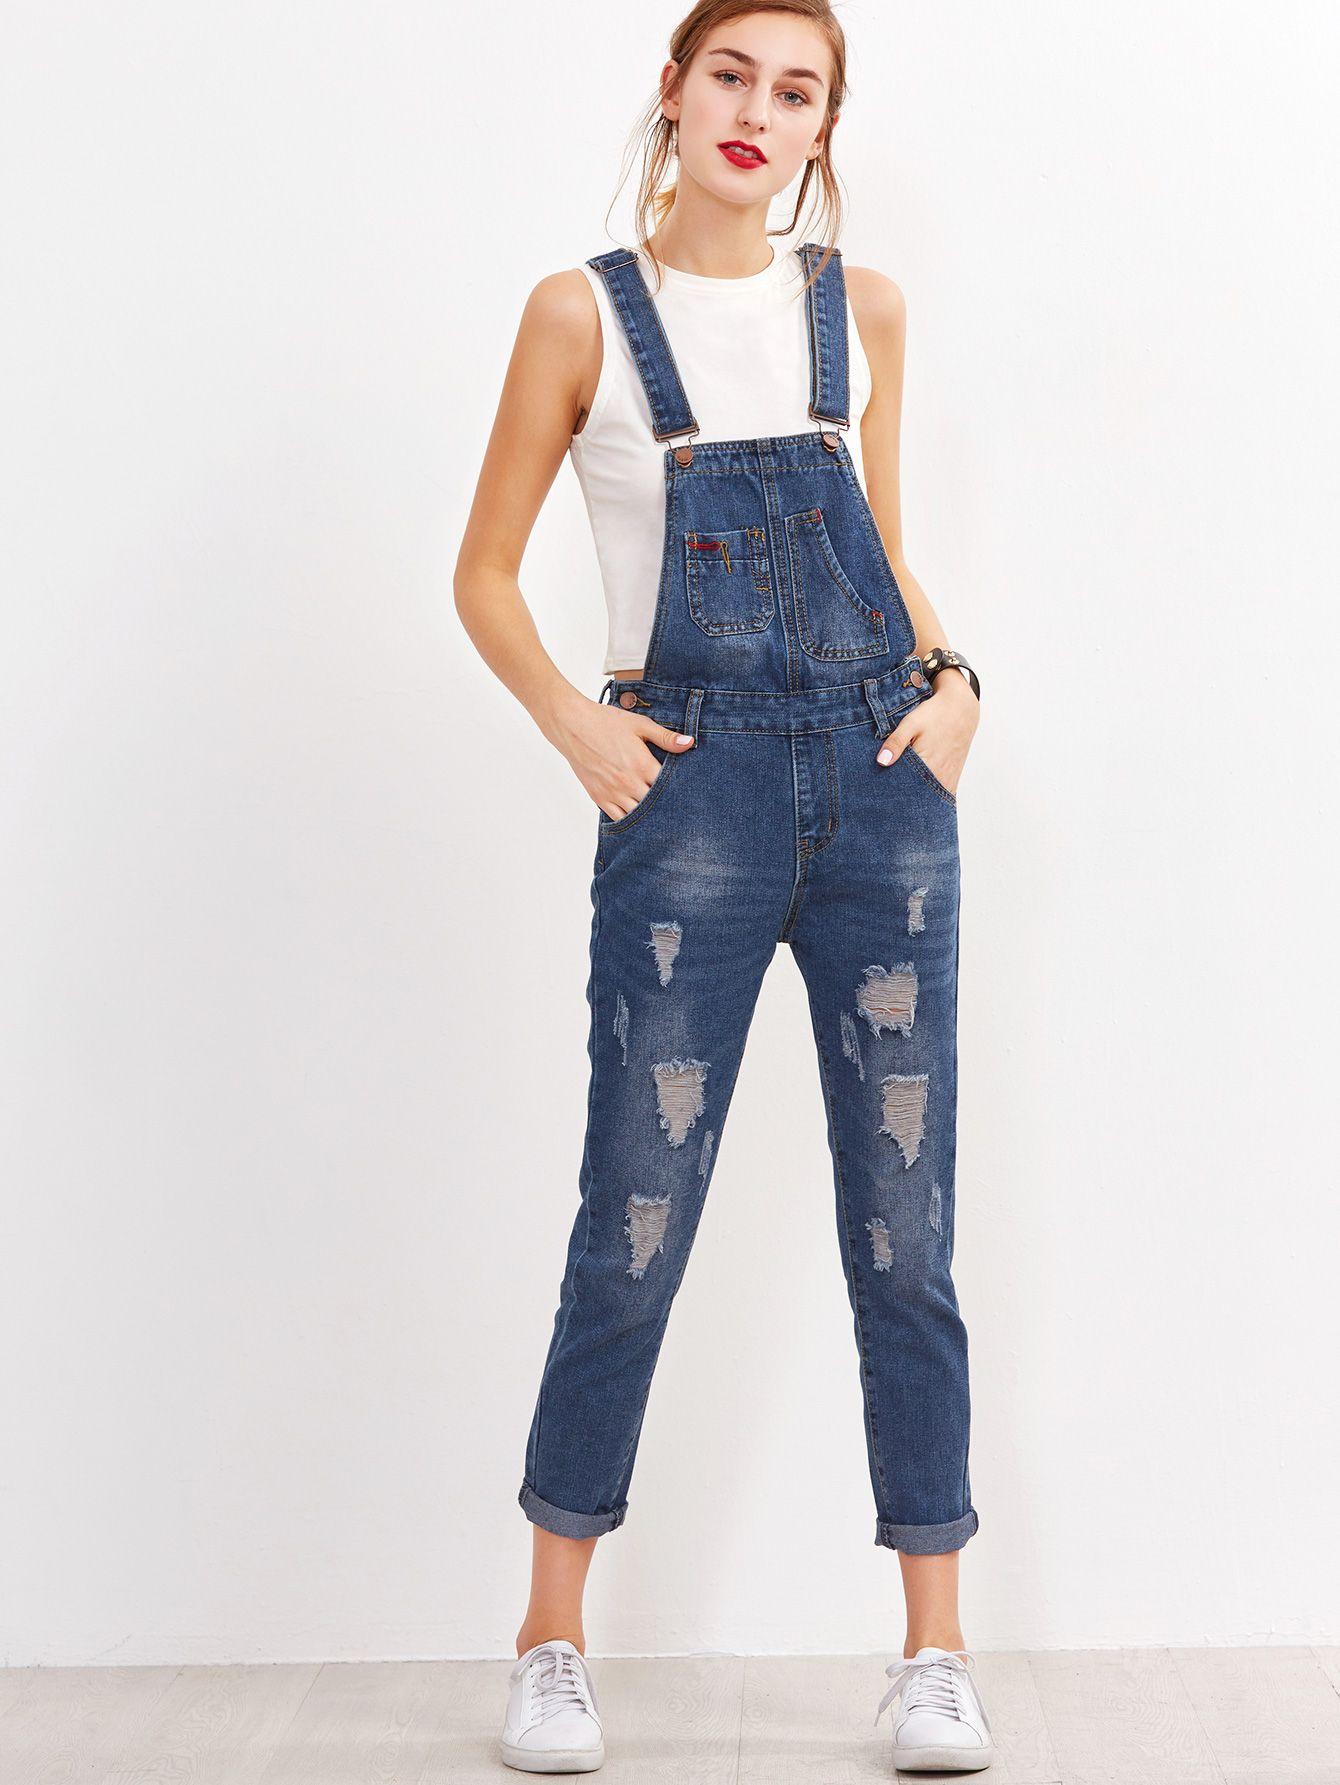 Peto rotos vueltas azul | Jeans de moda, Ropa, Ropa tumblr